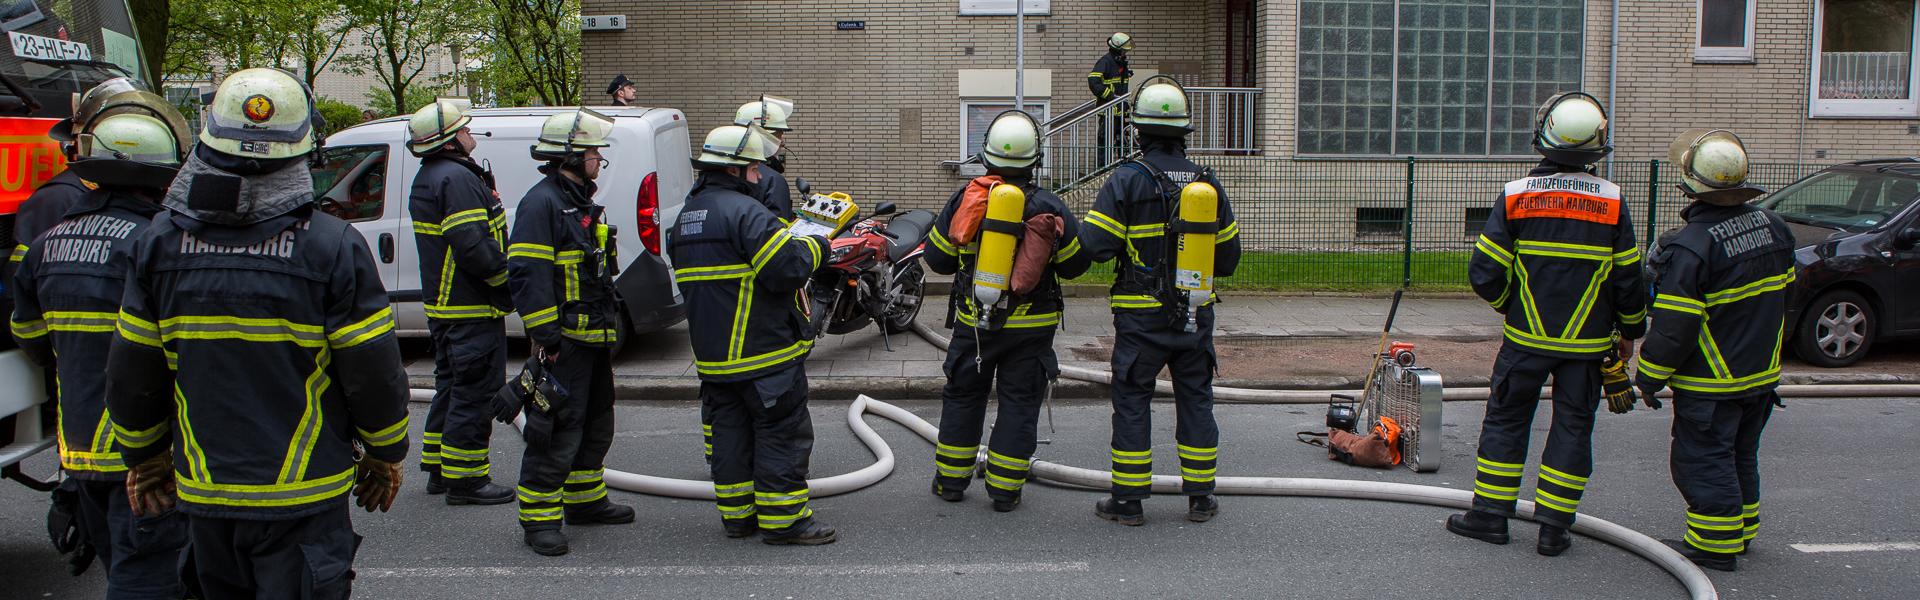 29.04.2017 – Eine verletzte Frau nach Zimmerbrand